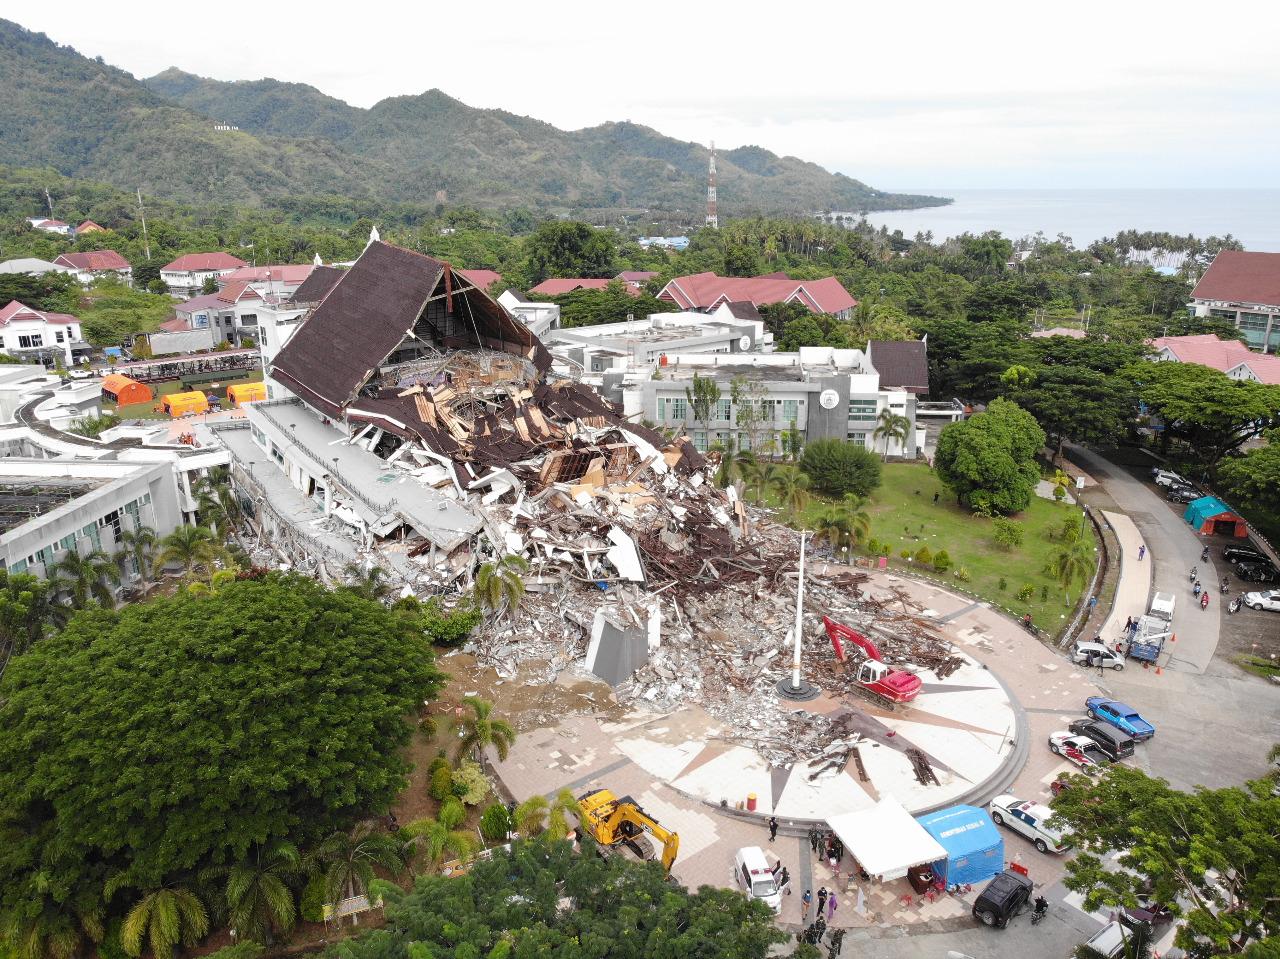 bencana-di-tanah-air-itb-tetap-berkontribusi-dari-sisi-kepakaran-dan-kemanusiaan